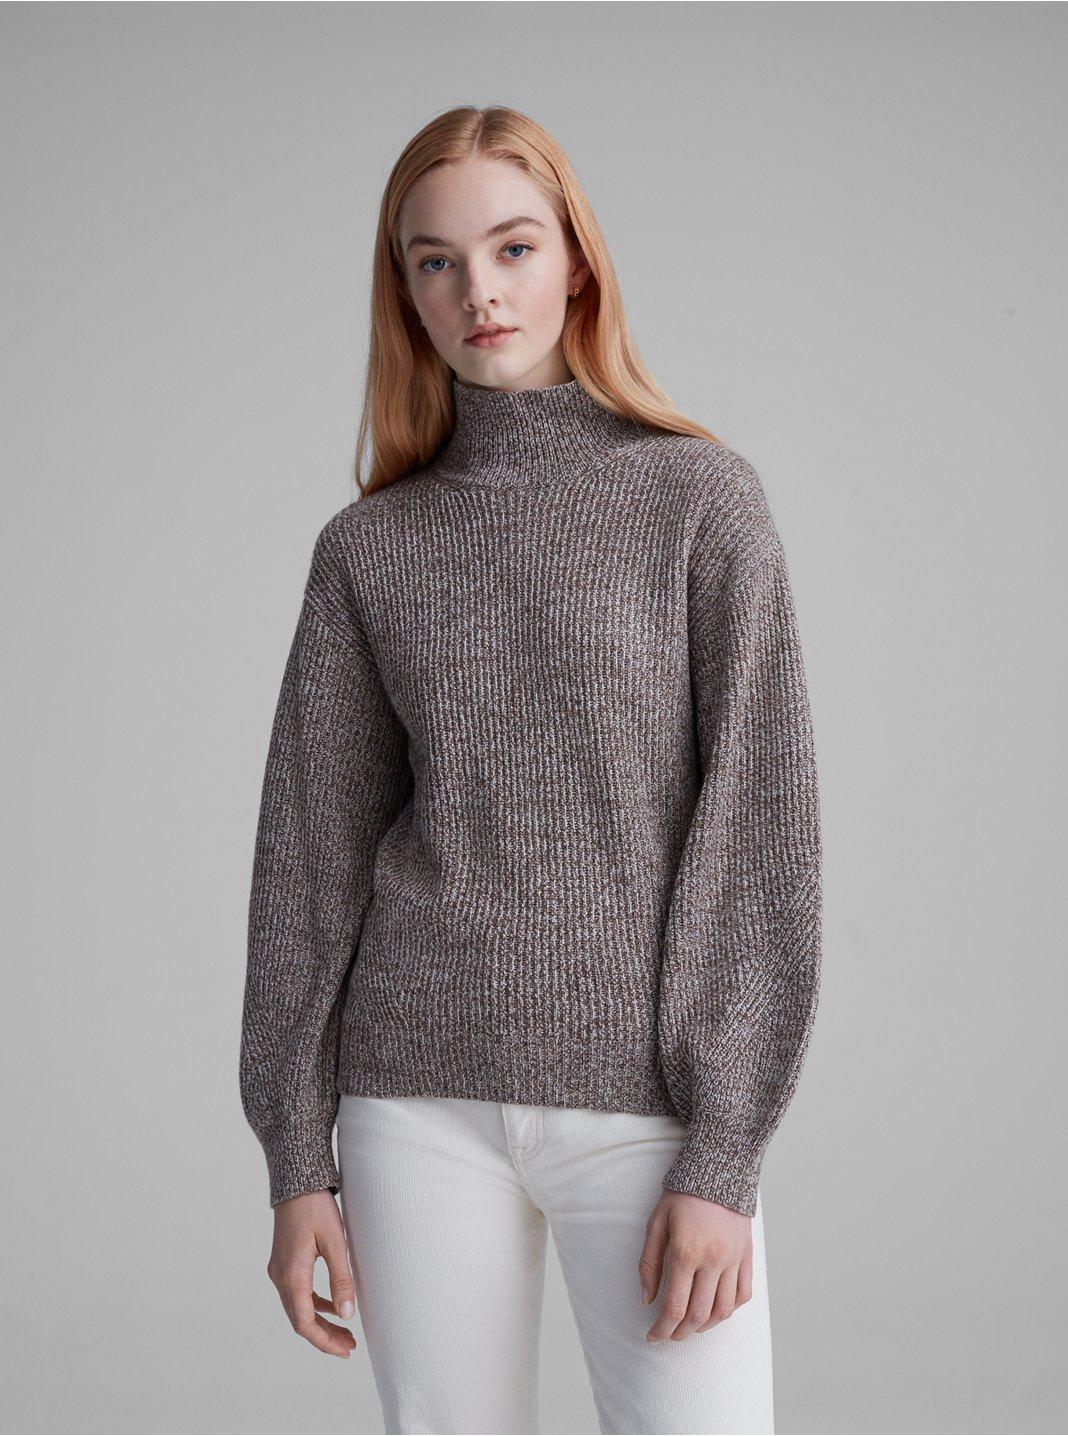 클럽 모나코 골지 터틀넥 스웨터 - 뉴트럴 Club Monaco Rib Turtleneck Sweater 562595